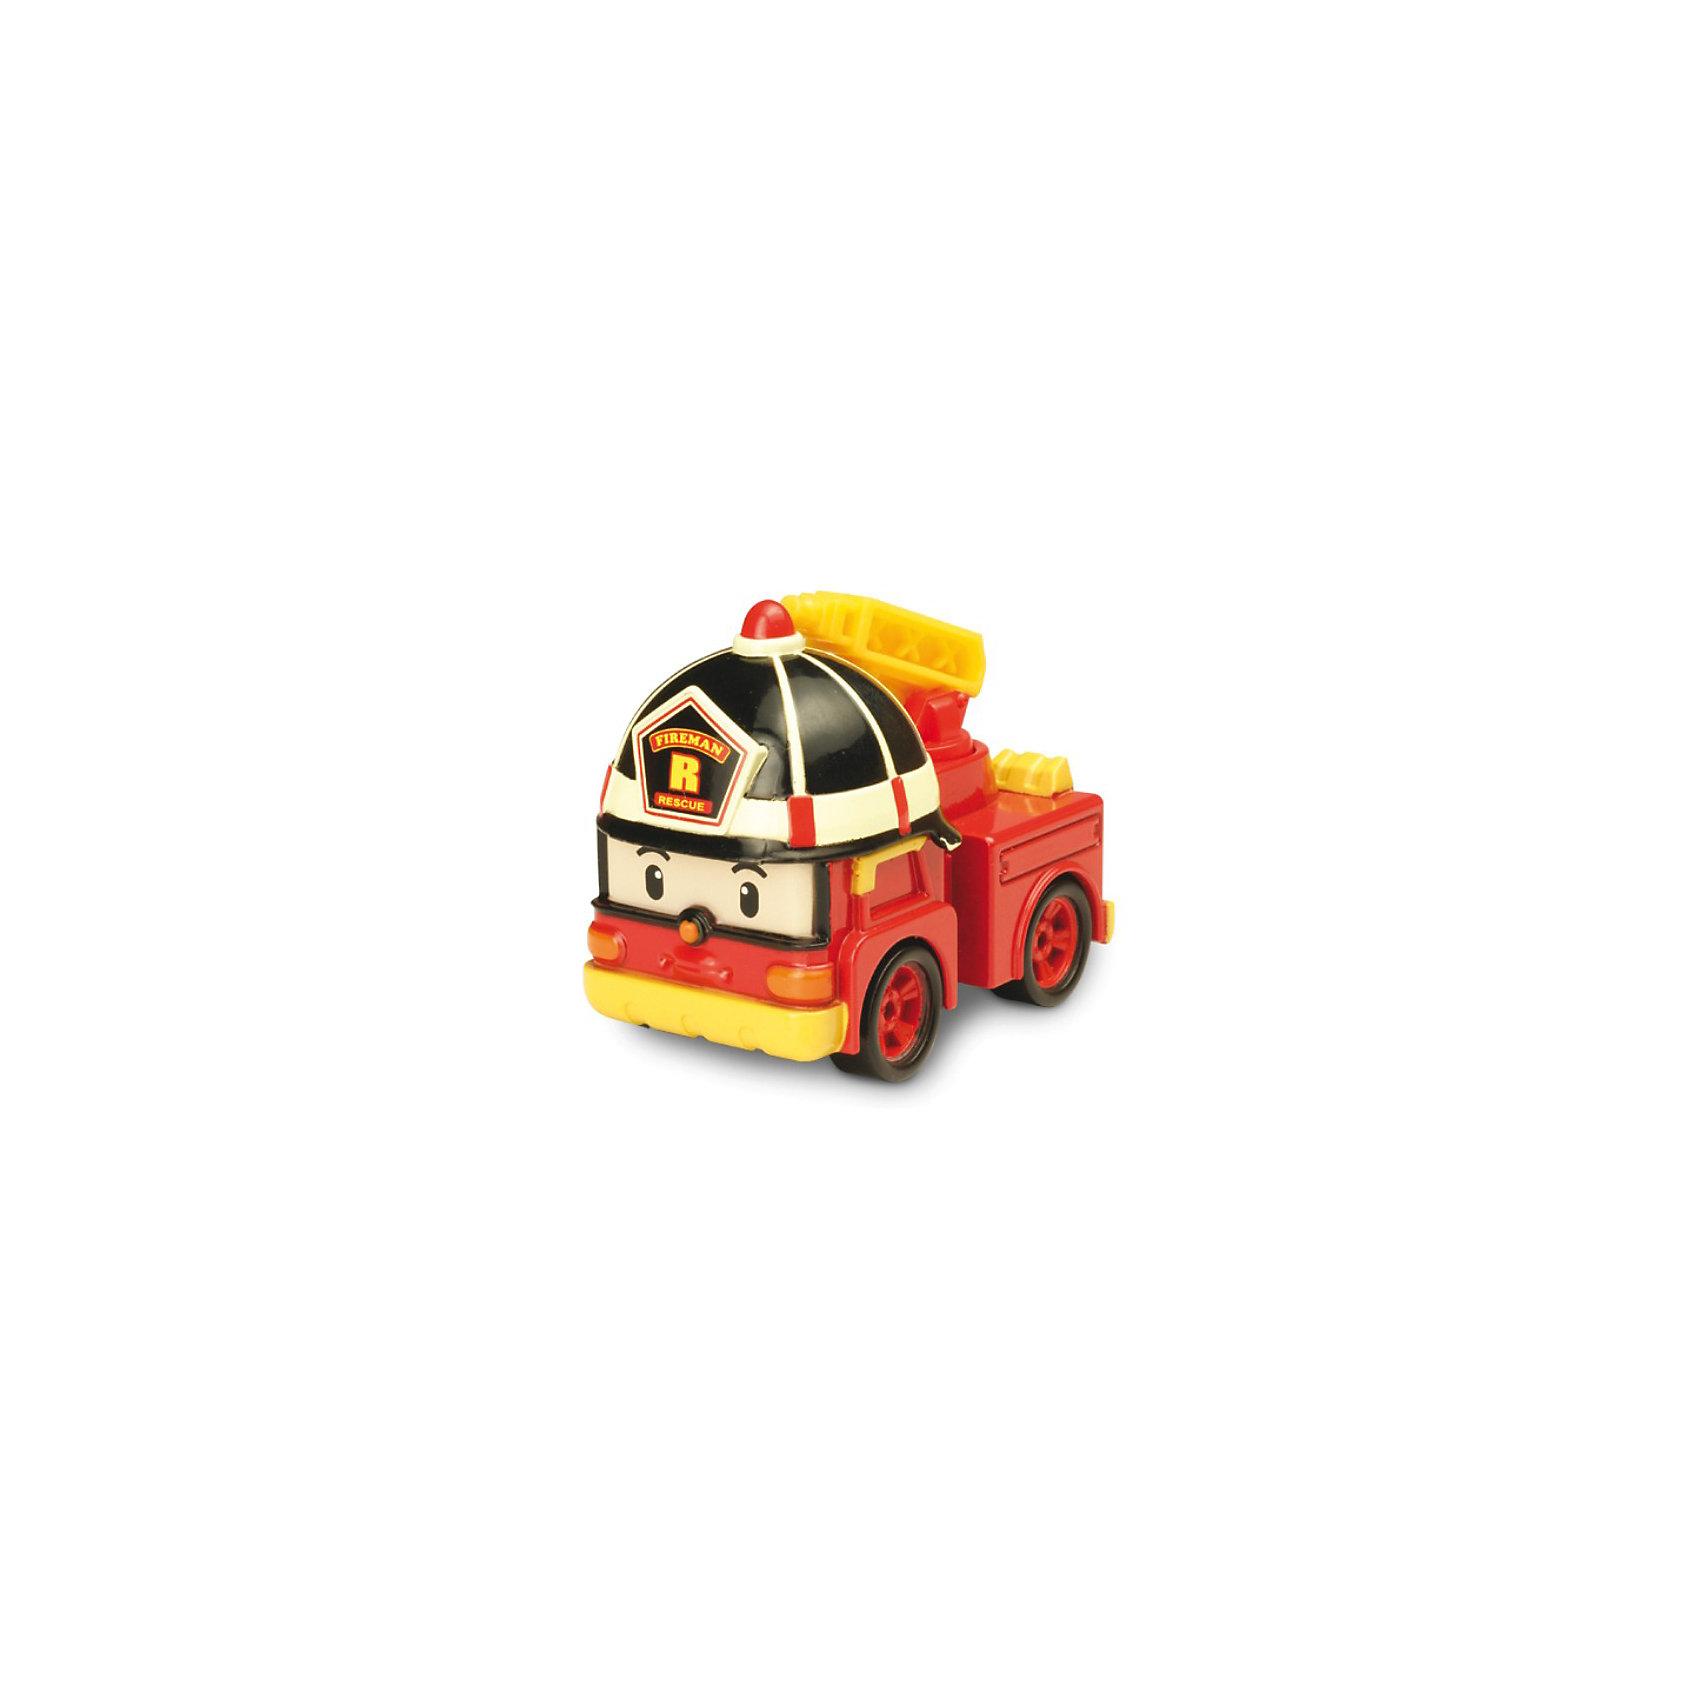 Игрушка Металлическая машинка Рой, 6 см, Робокар ПолиМеталлическая машинка Рой , 6 см, Робокар Поли (Robocar Poli) персонаж супер команды спасателей мультсериала про полицейскую машинку-робота Поли и его друзей живущих в необычном городке Брумстаун, в котором машины живут наравне с людьми. Все машинки городка Брумстаун умеют говорить и у каждого героя есть свое дело. В этом городе все друг друга знают и все дружат. Именно, командная работа позволяет всем жителям городка справляться со всеми сложностями, выручать и поддерживать друг друга. <br>Пожарная машинка Рой (металлическая) - возможность пополнить коллекцию ребенка новым автомобильчиком. Отважный Рой всегда спешит на помощь и старается предотвратить чрезвычайную ситуацию, вызванную пожаром. Игрушка полностью отображает экранный образ храброго спасателя.<br><br>Дополнительная информация: <br><br>- металлическая машинка  Рой безопасна для ребенка в возрасте от трех лет и старше: материалы, которые использовались при производстве игрушки, не вызывают у крохи аллергию и абсолютно нетоксичны;<br> - автомобиль отличается обтекаемым корпусом и полным отсутствием острых углов;<br> - машинка очень красочная, основными оттенками являются красный и желтый;<br>- на корпусе автомобиля есть специальный знак, говорящий о соответствии игрушки европейским стандартам качества;<br>-  развивает: мелкую моторику рук и мышцы пальцев, координацию движений, фантазию и умение подражать, навык игры в коллективе;<br>- размер игрушки - 6 см;<br>- размер упаковки: 14 х 16 х 5 см;<br>- материал  игрушки - металл;<br>- вес игрушки  0,18 кг.<br><br>Металлическую машинку Рой  , 6 см, Робокар Поли (Robocar Poli) <br>вы можете купить в нашем интернет-магазине.<br><br>Ширина мм: 140<br>Глубина мм: 160<br>Высота мм: 50<br>Вес г: 184<br>Возраст от месяцев: 36<br>Возраст до месяцев: 84<br>Пол: Мужской<br>Возраст: Детский<br>SKU: 3526763